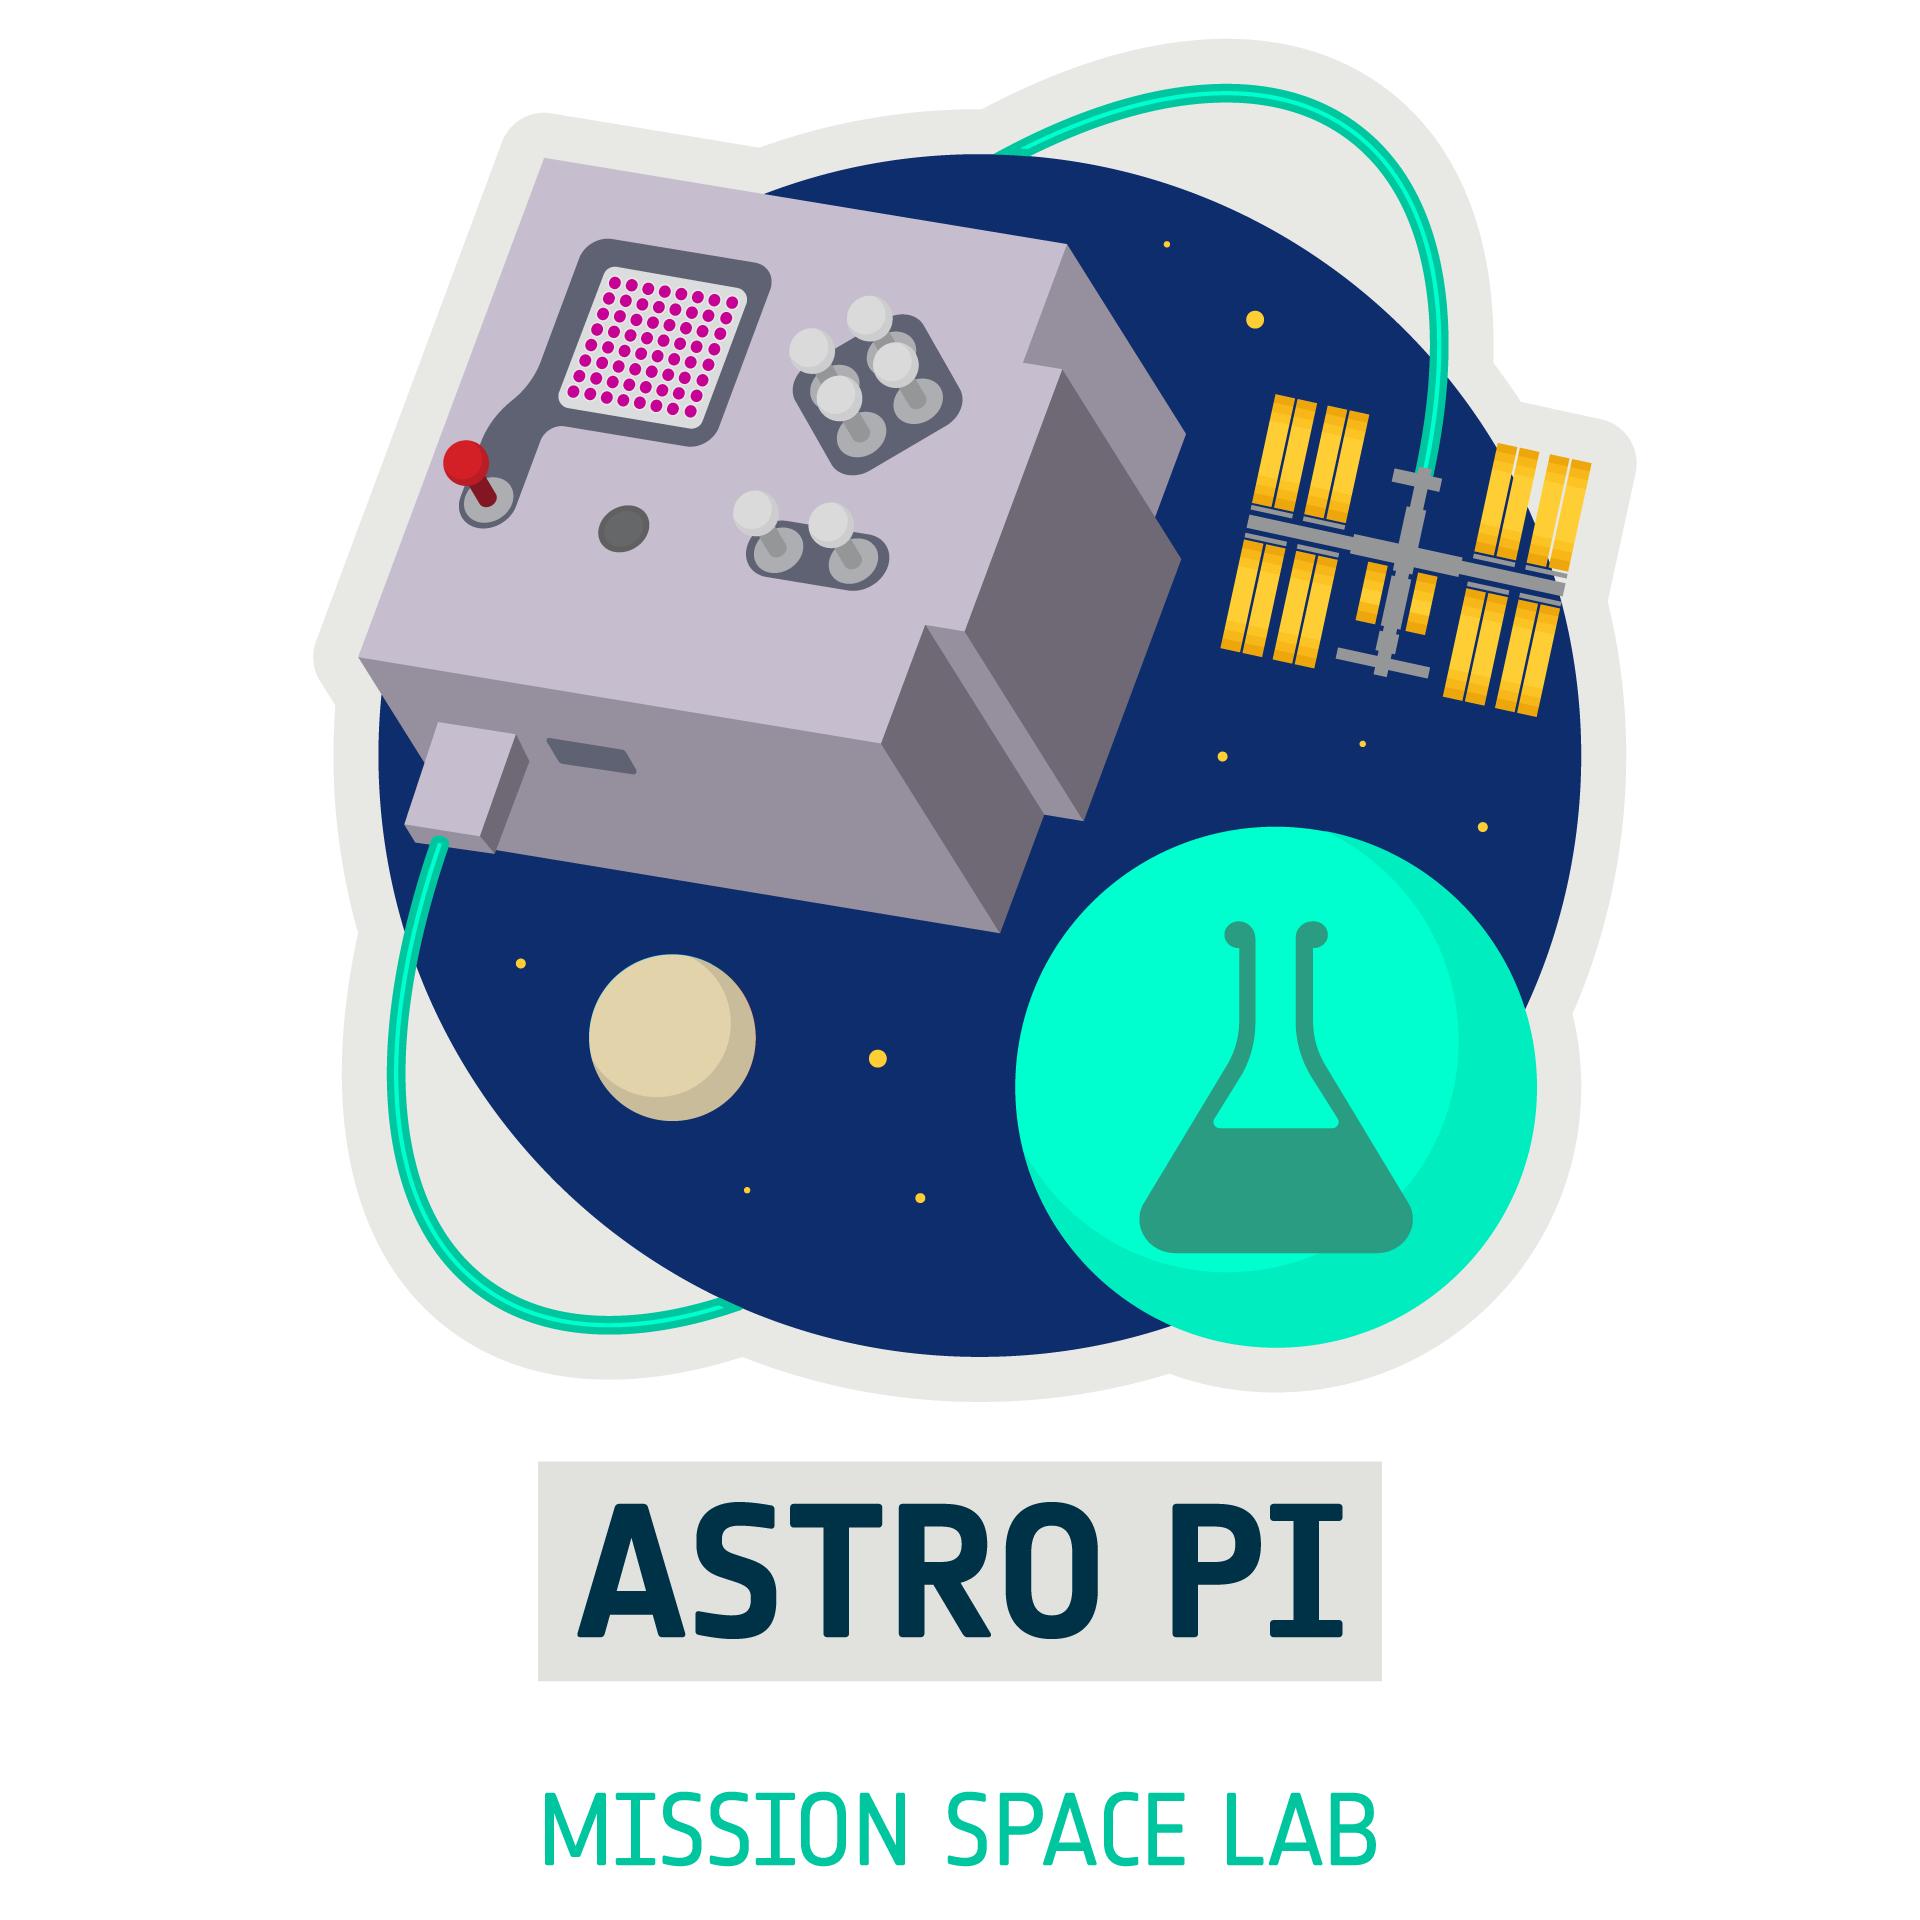 לוגו של מעבדת החלל המשימה, חלק מאתגר האסטרו פי האירופי